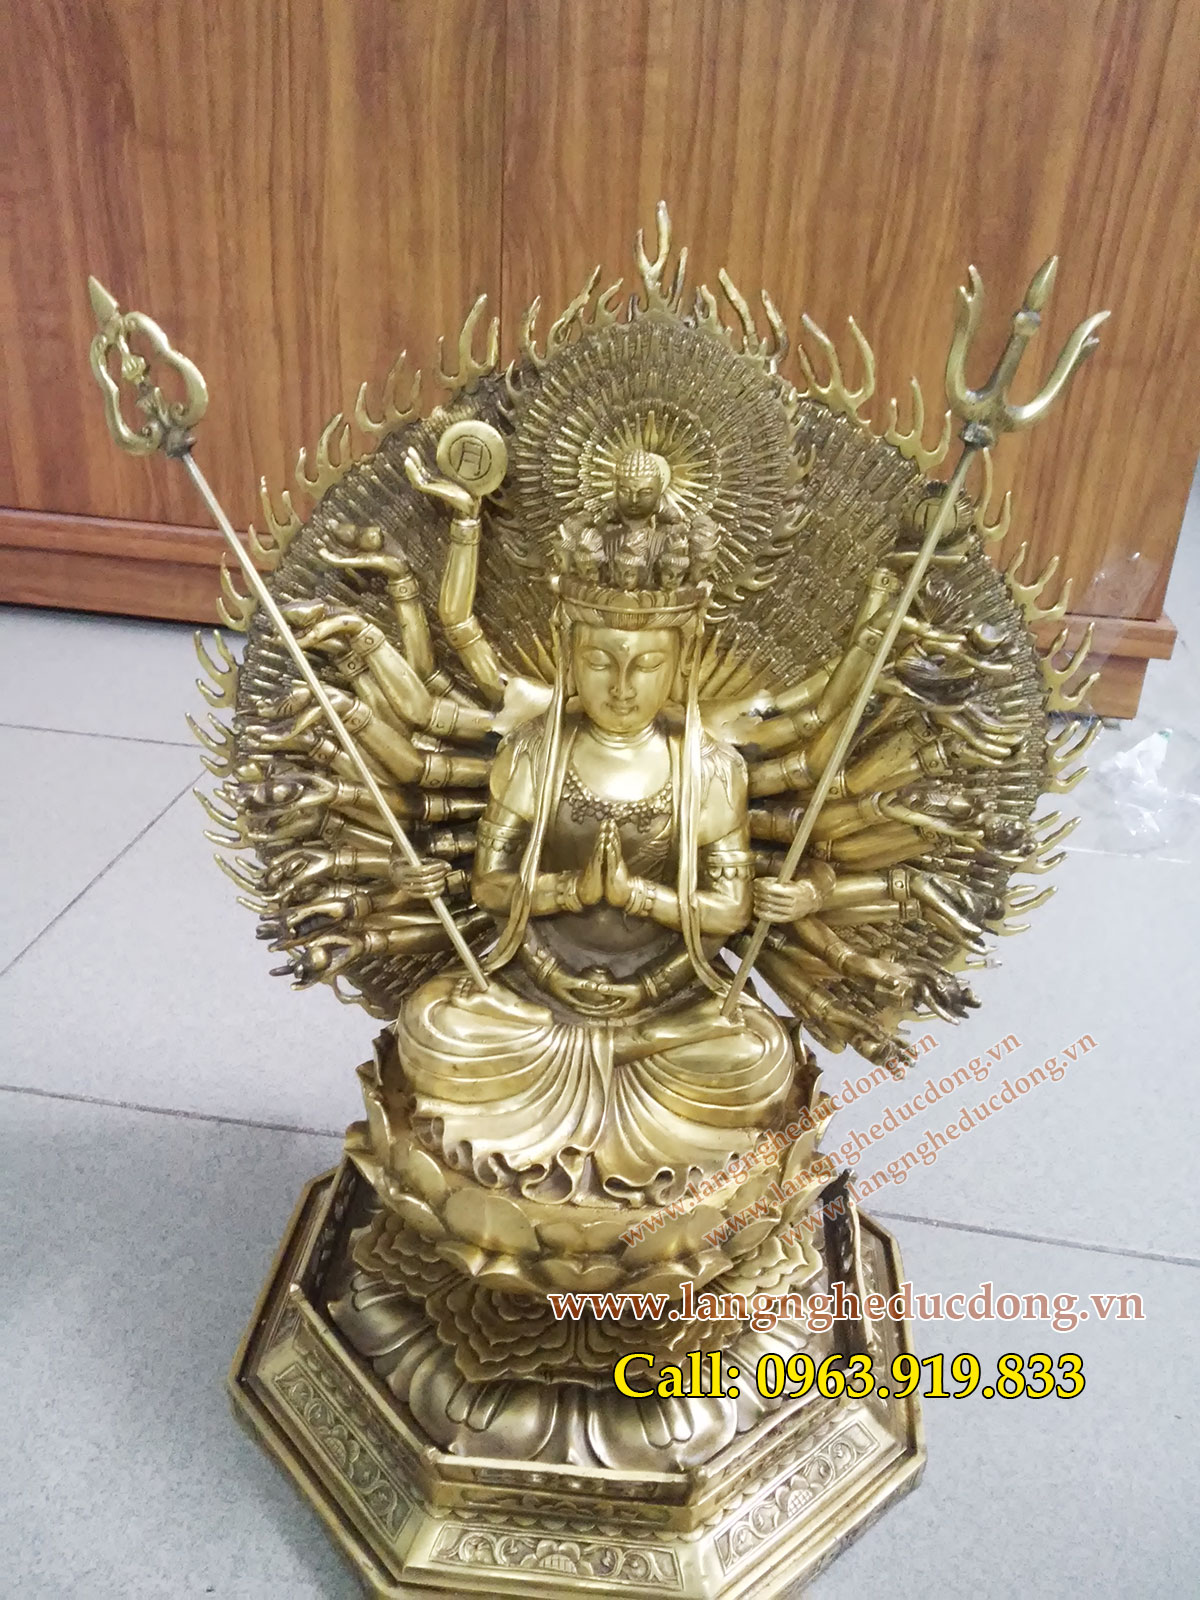 langngheducdong.vn - Phật Bà nghìn mắt nghìn tay, thiên thủ thiên nhãn cao 41cm